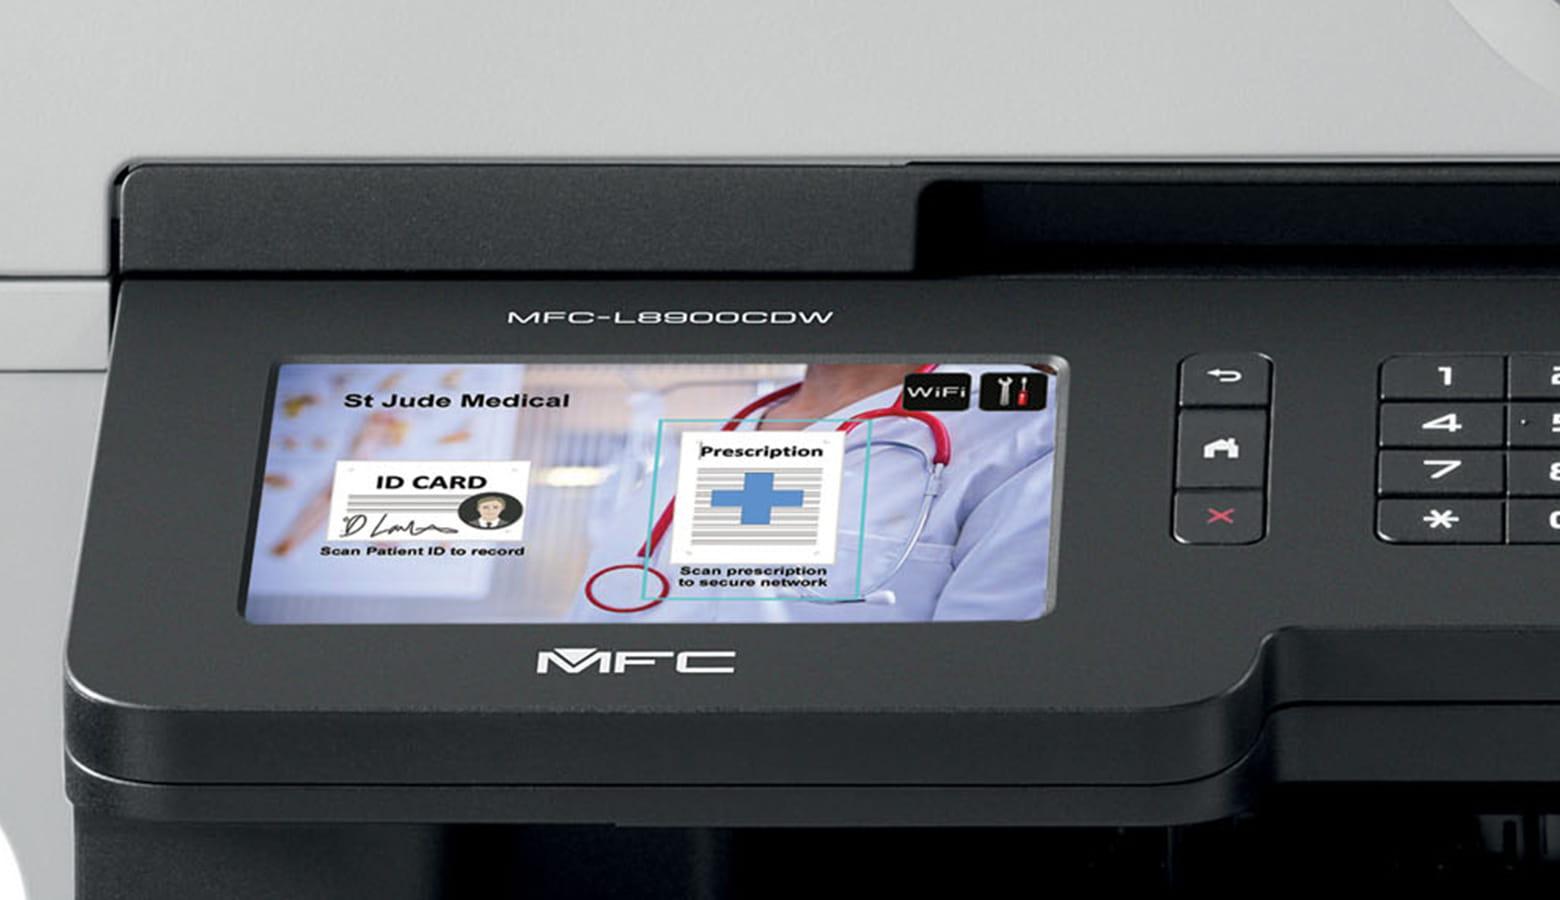 dodirni zaslon MFC-L8900CDW prilagođen za zdravstvo s osobom koja nosi bijeli ogrtač